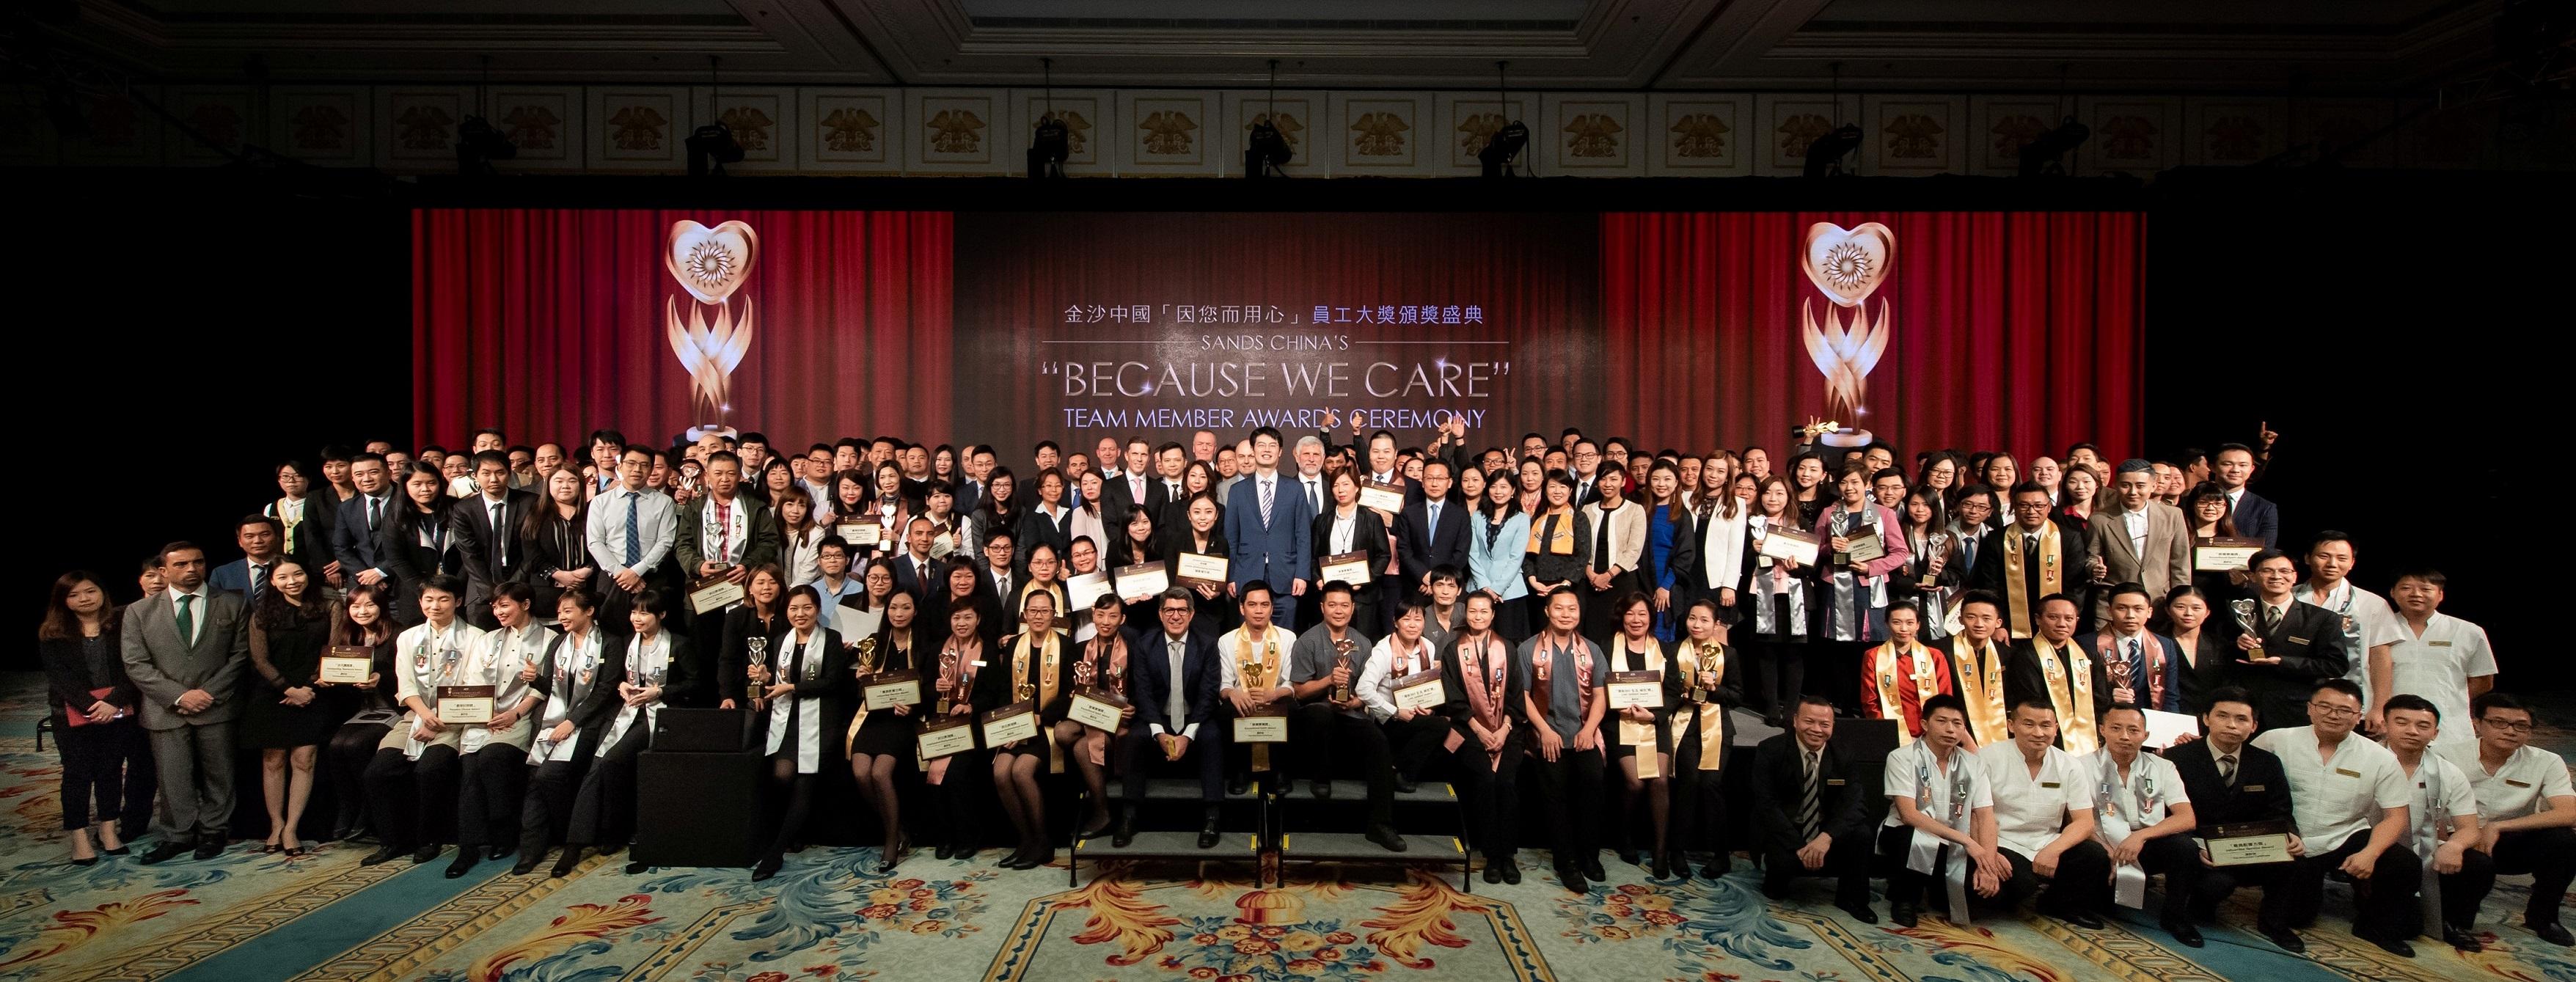 「因您而用心」员工大奖颁奖典礼在澳门巴黎人举行